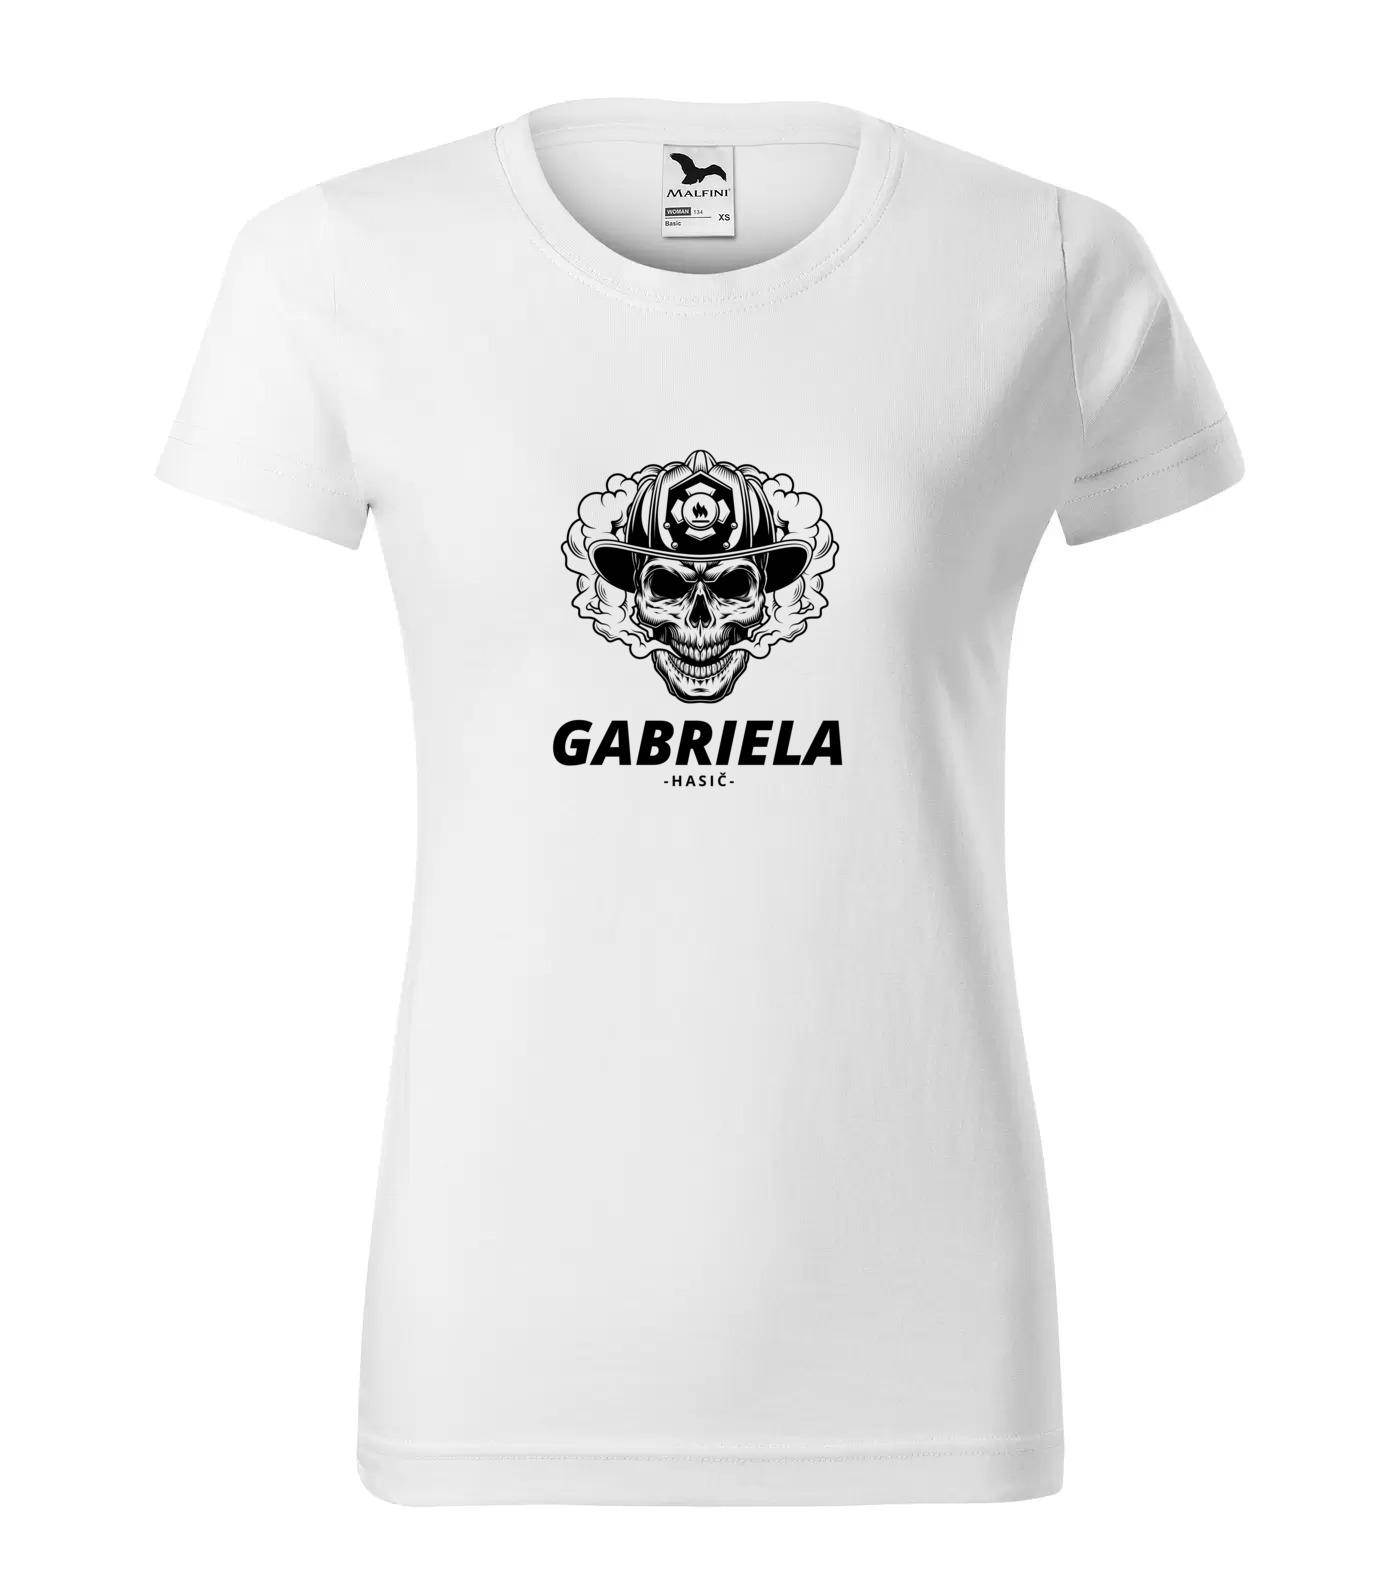 Tričko Hasič Gabriela